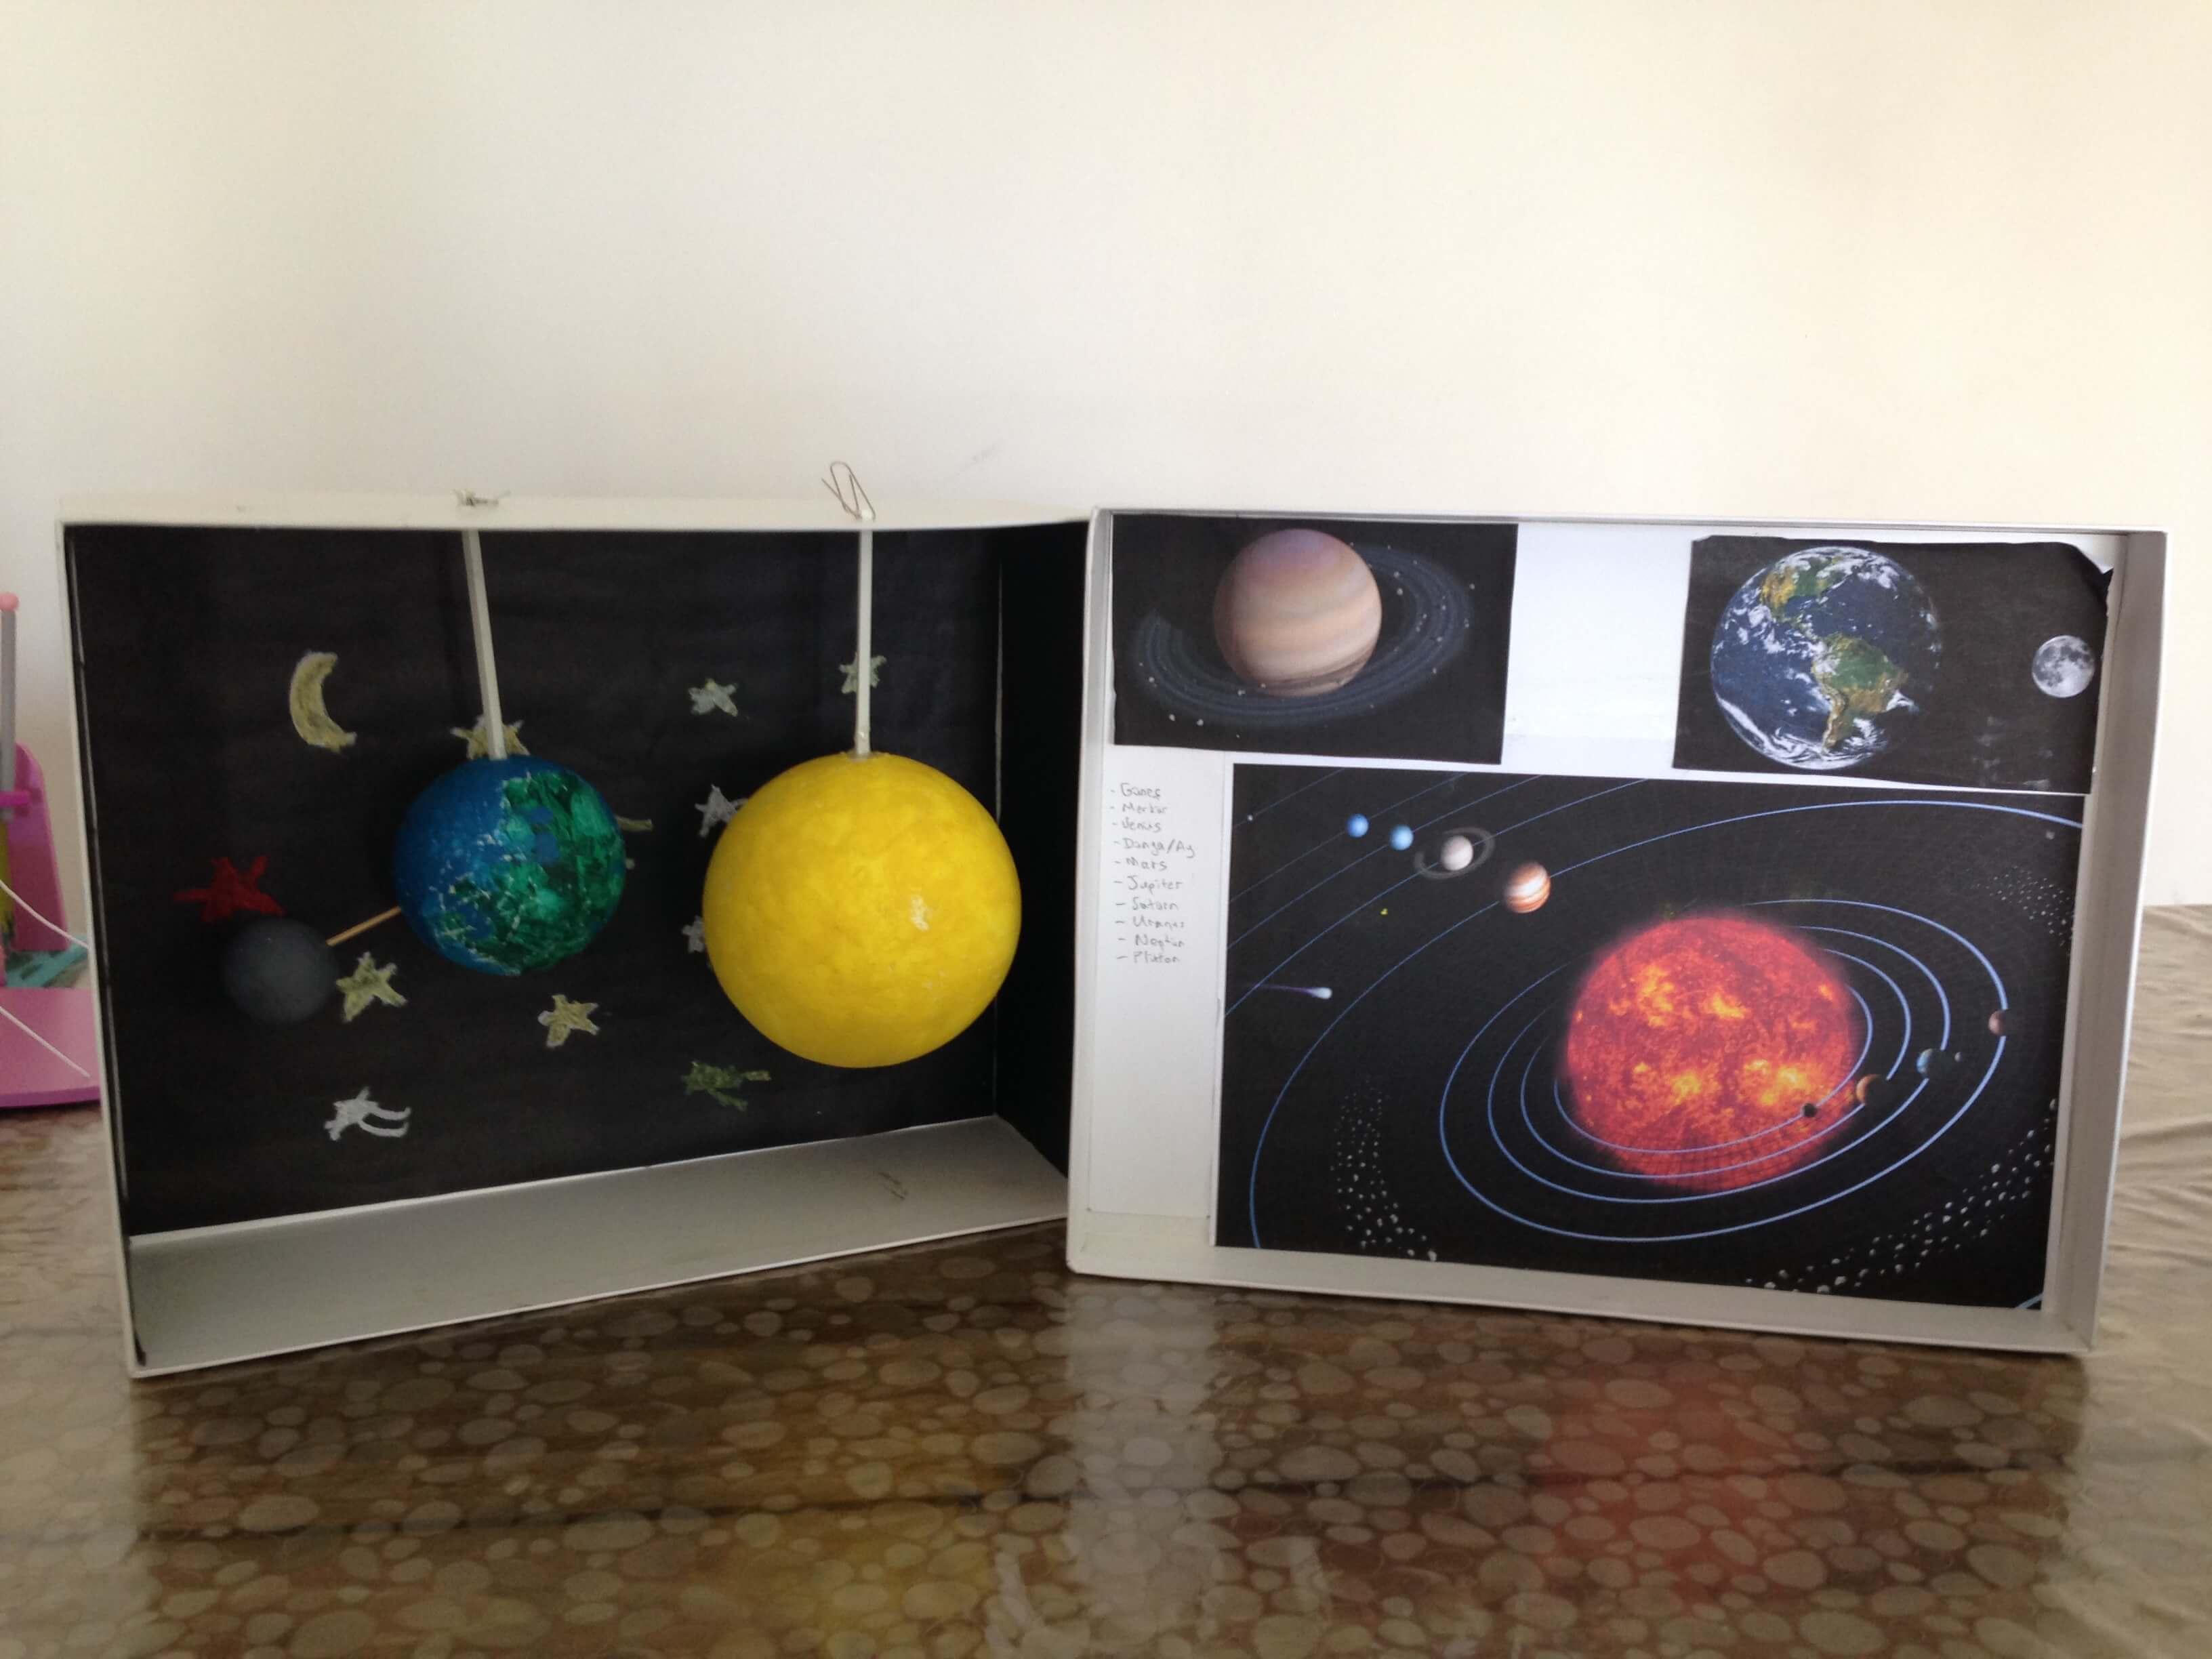 Güneş Dünya Ay Modeli Yapıyoruz Merakyum